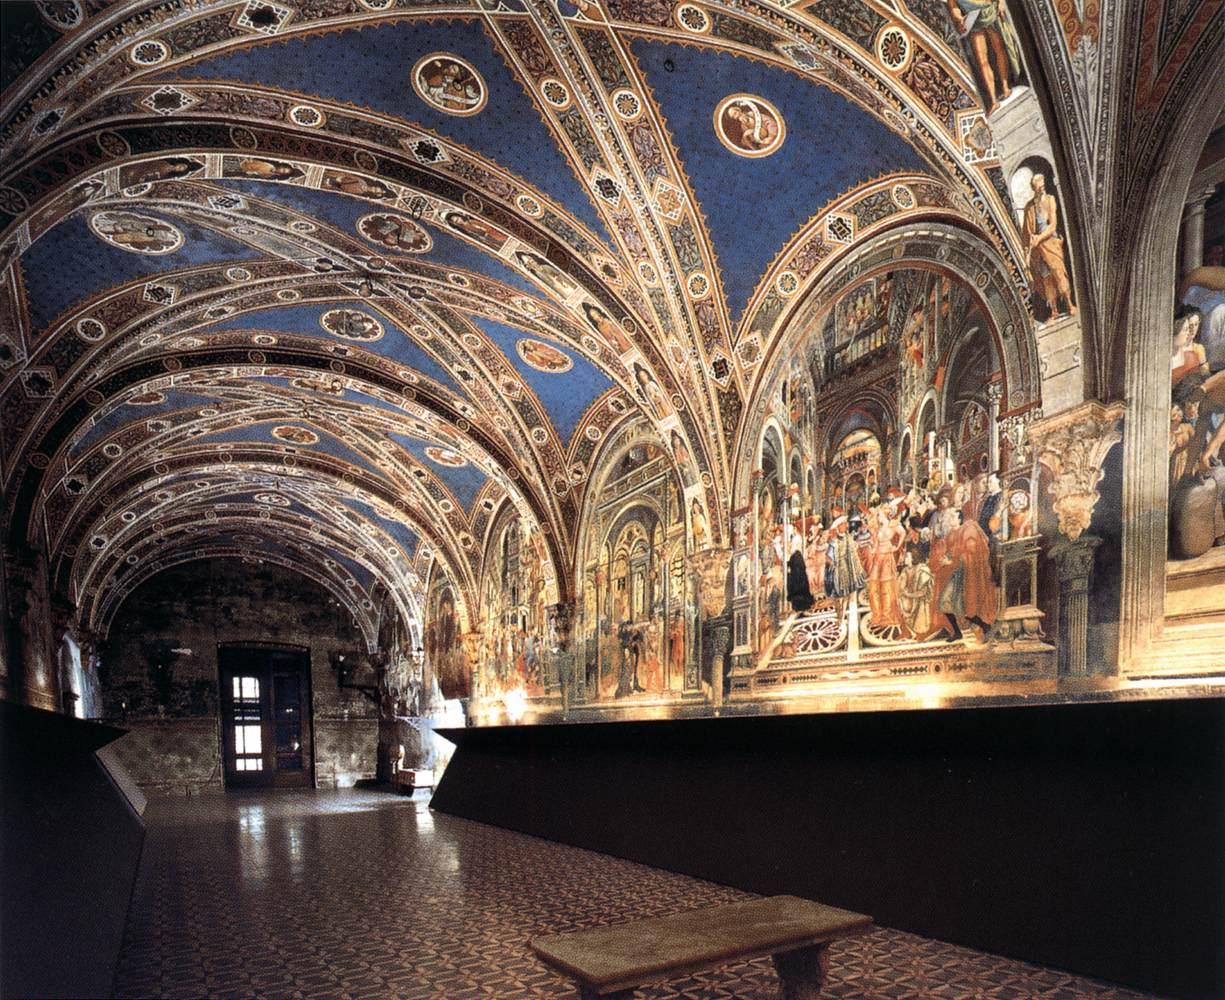 Frescoes In The Pellegrinaio Siena 1440 44